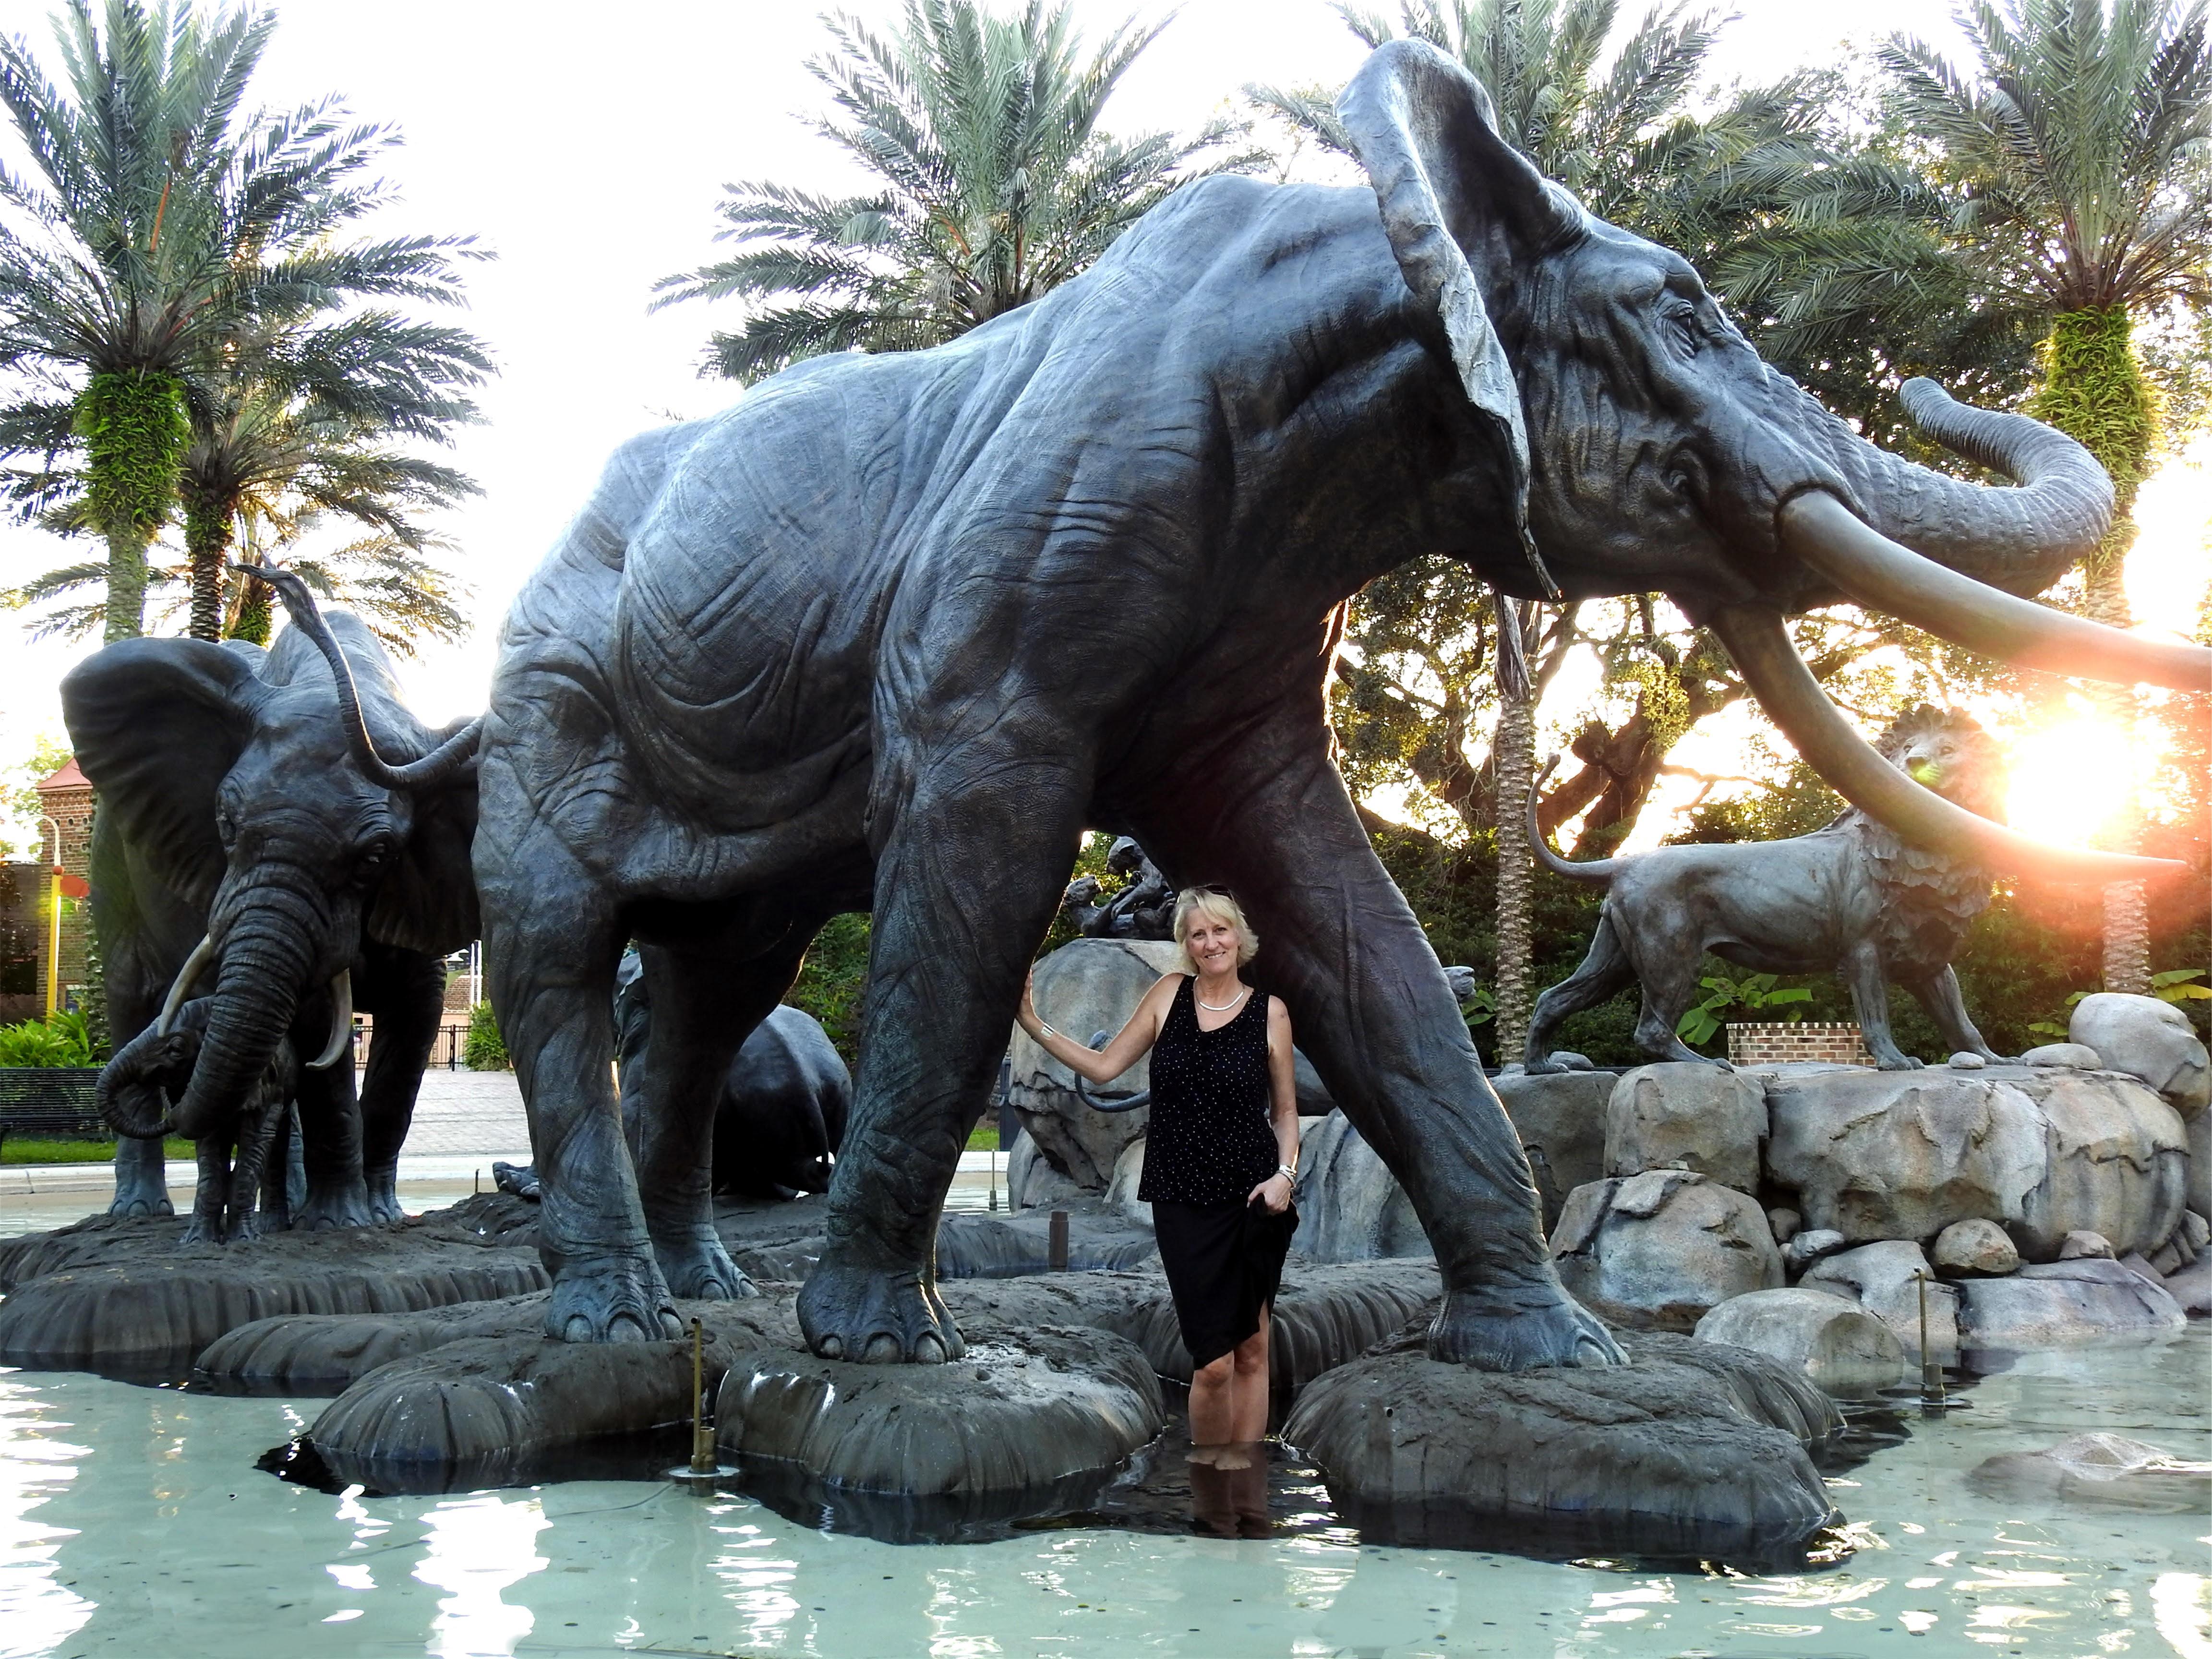 Juveniles MaquetteThe Audubon Zoo Sculpture ProjectThe Elephant Family -